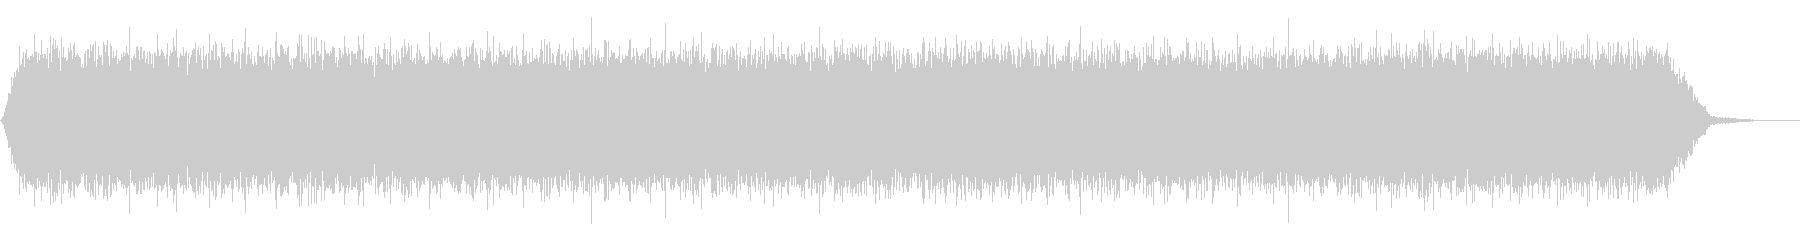 【アンビエント】ドローン_37 実験音の未再生の波形